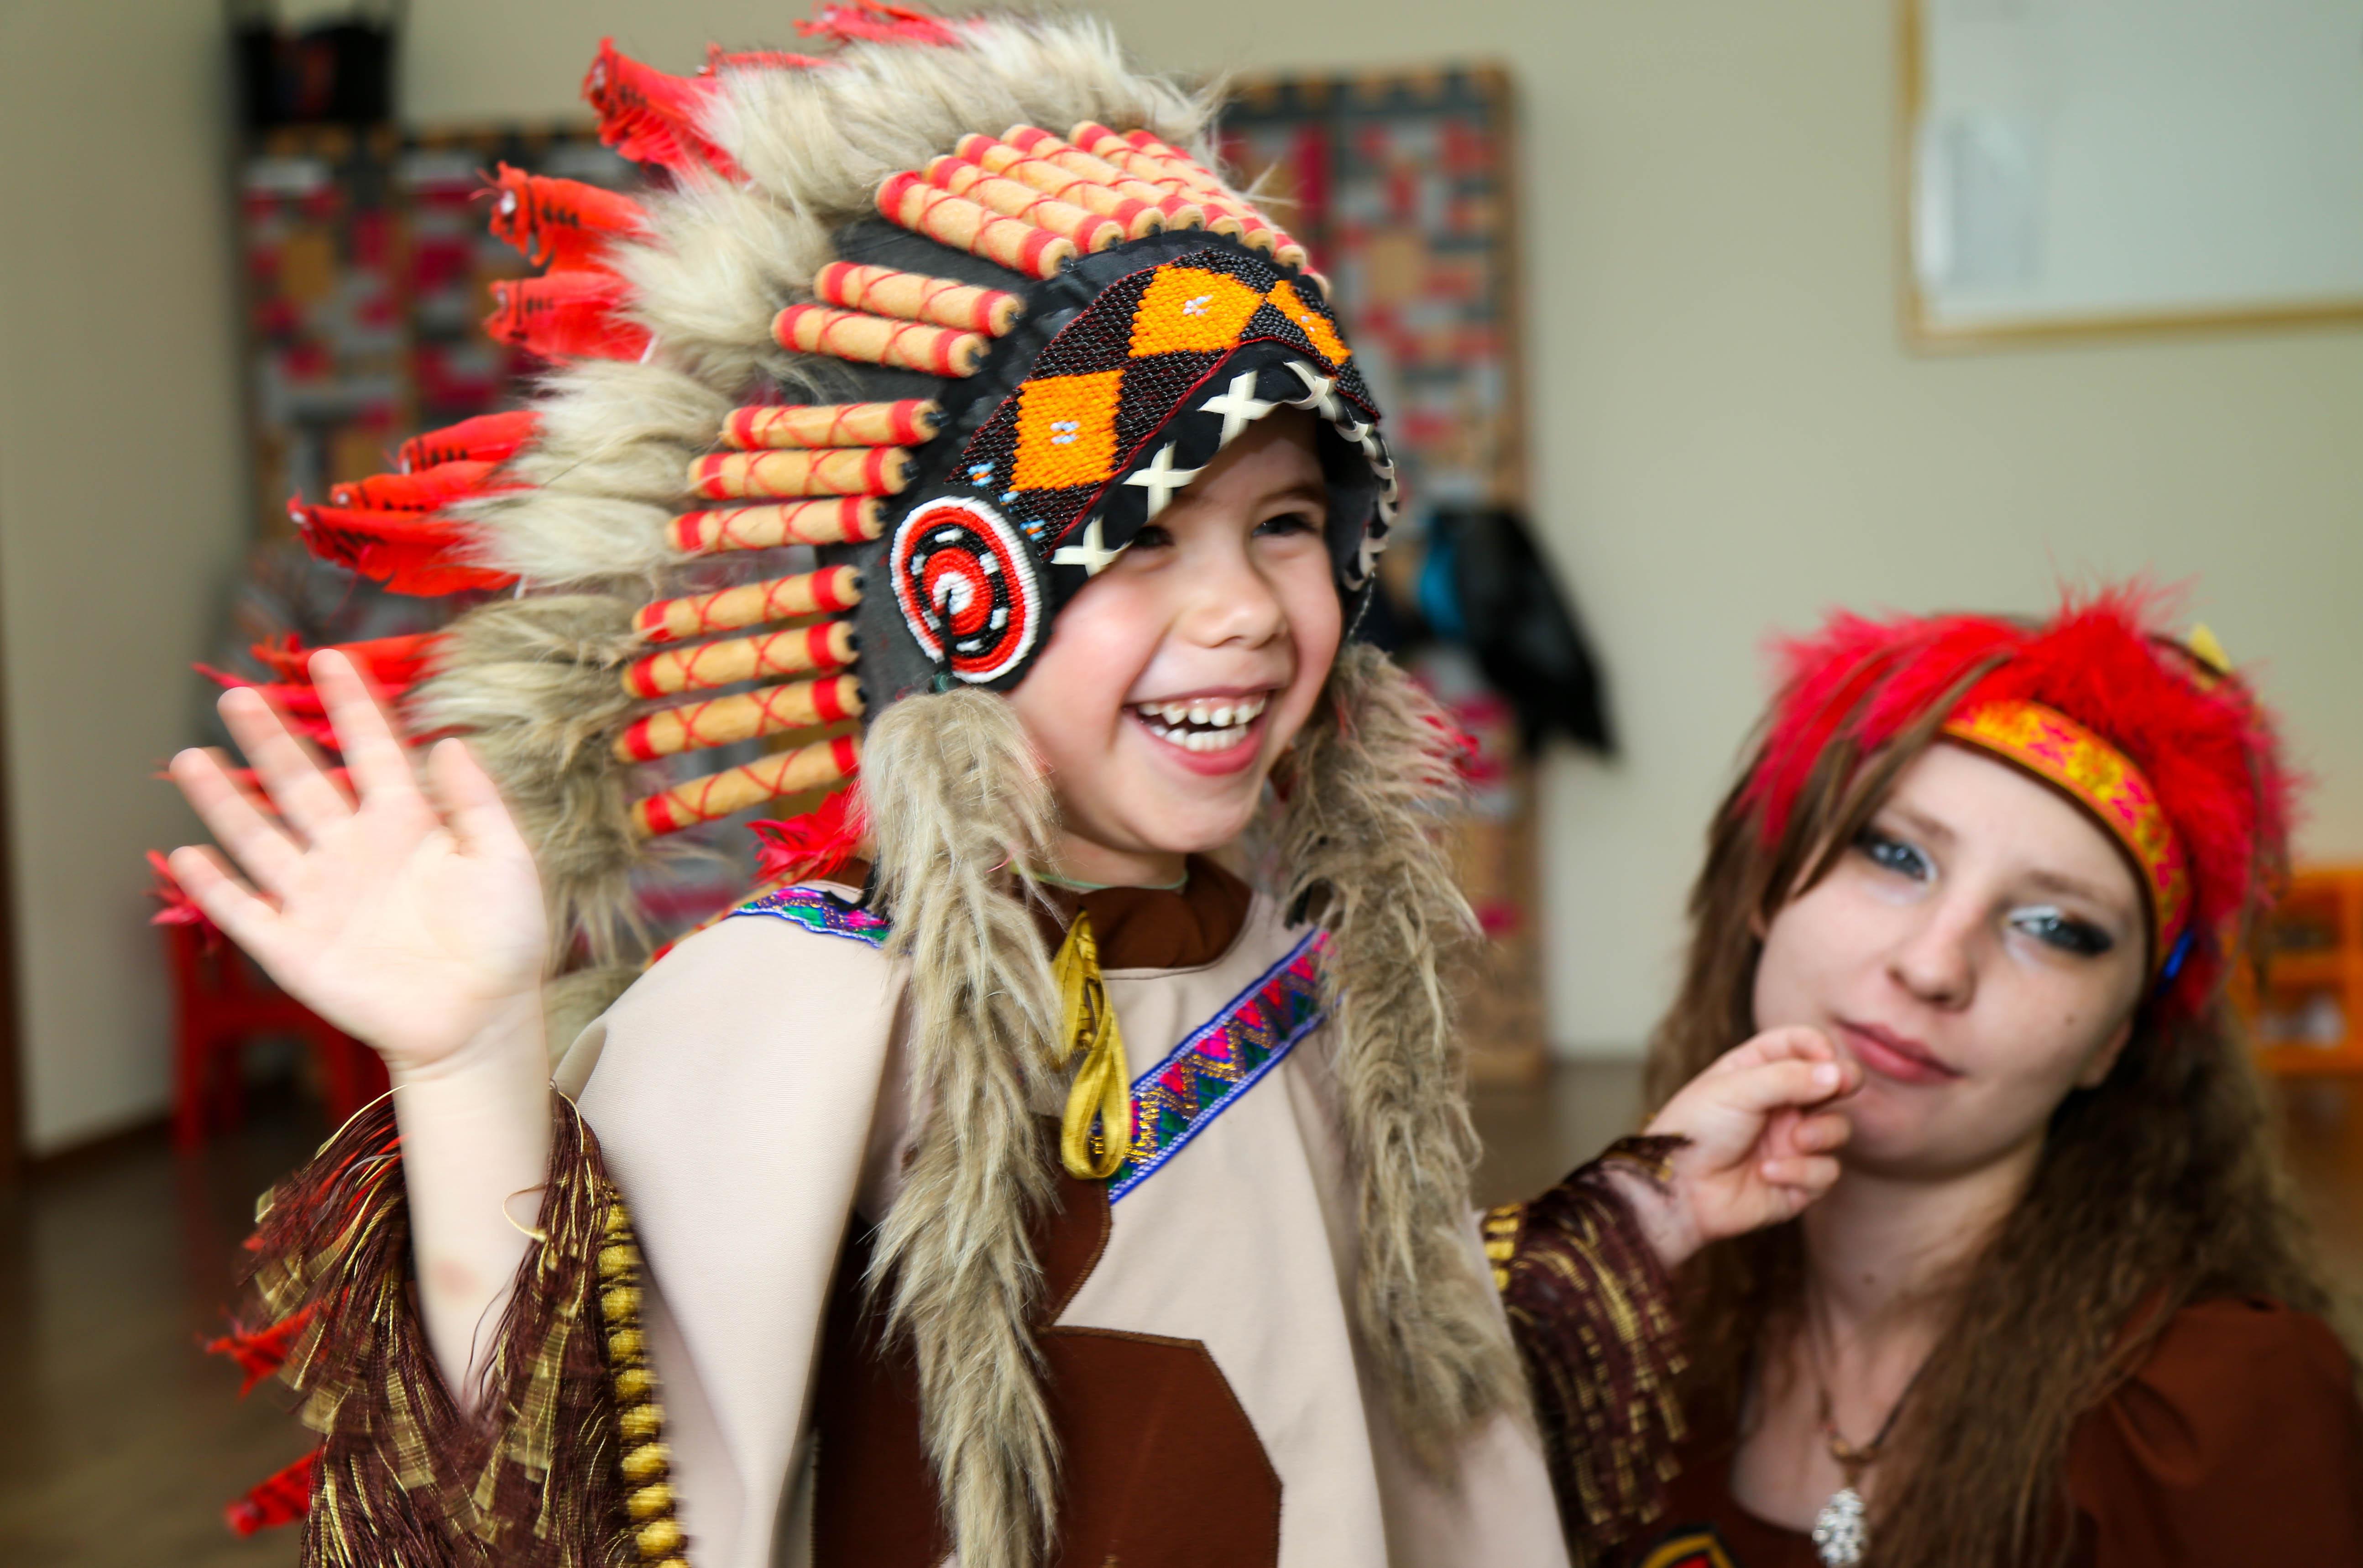 вечеринка индейцы картинки помещения